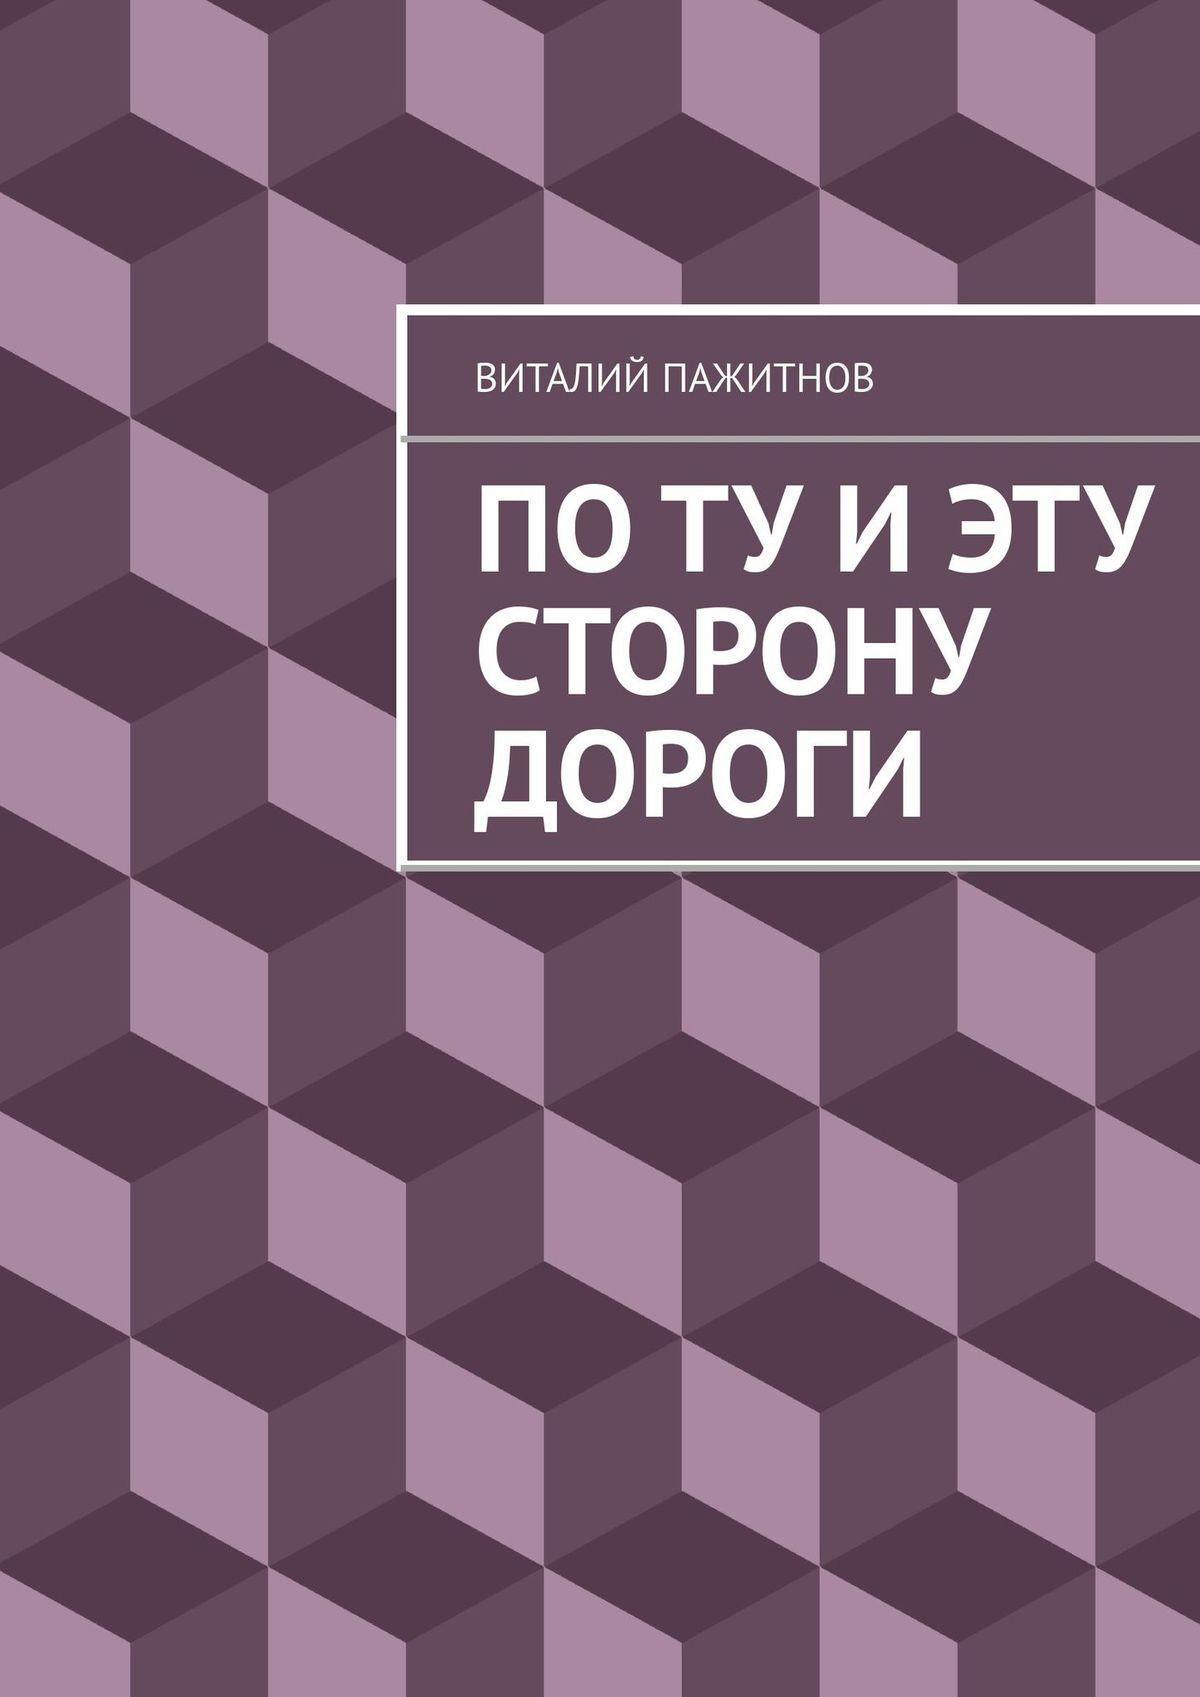 все цены на Виталий Владиславович Пажитнов Поту иэту сторону дороги, инаводе– круги, круги… онлайн